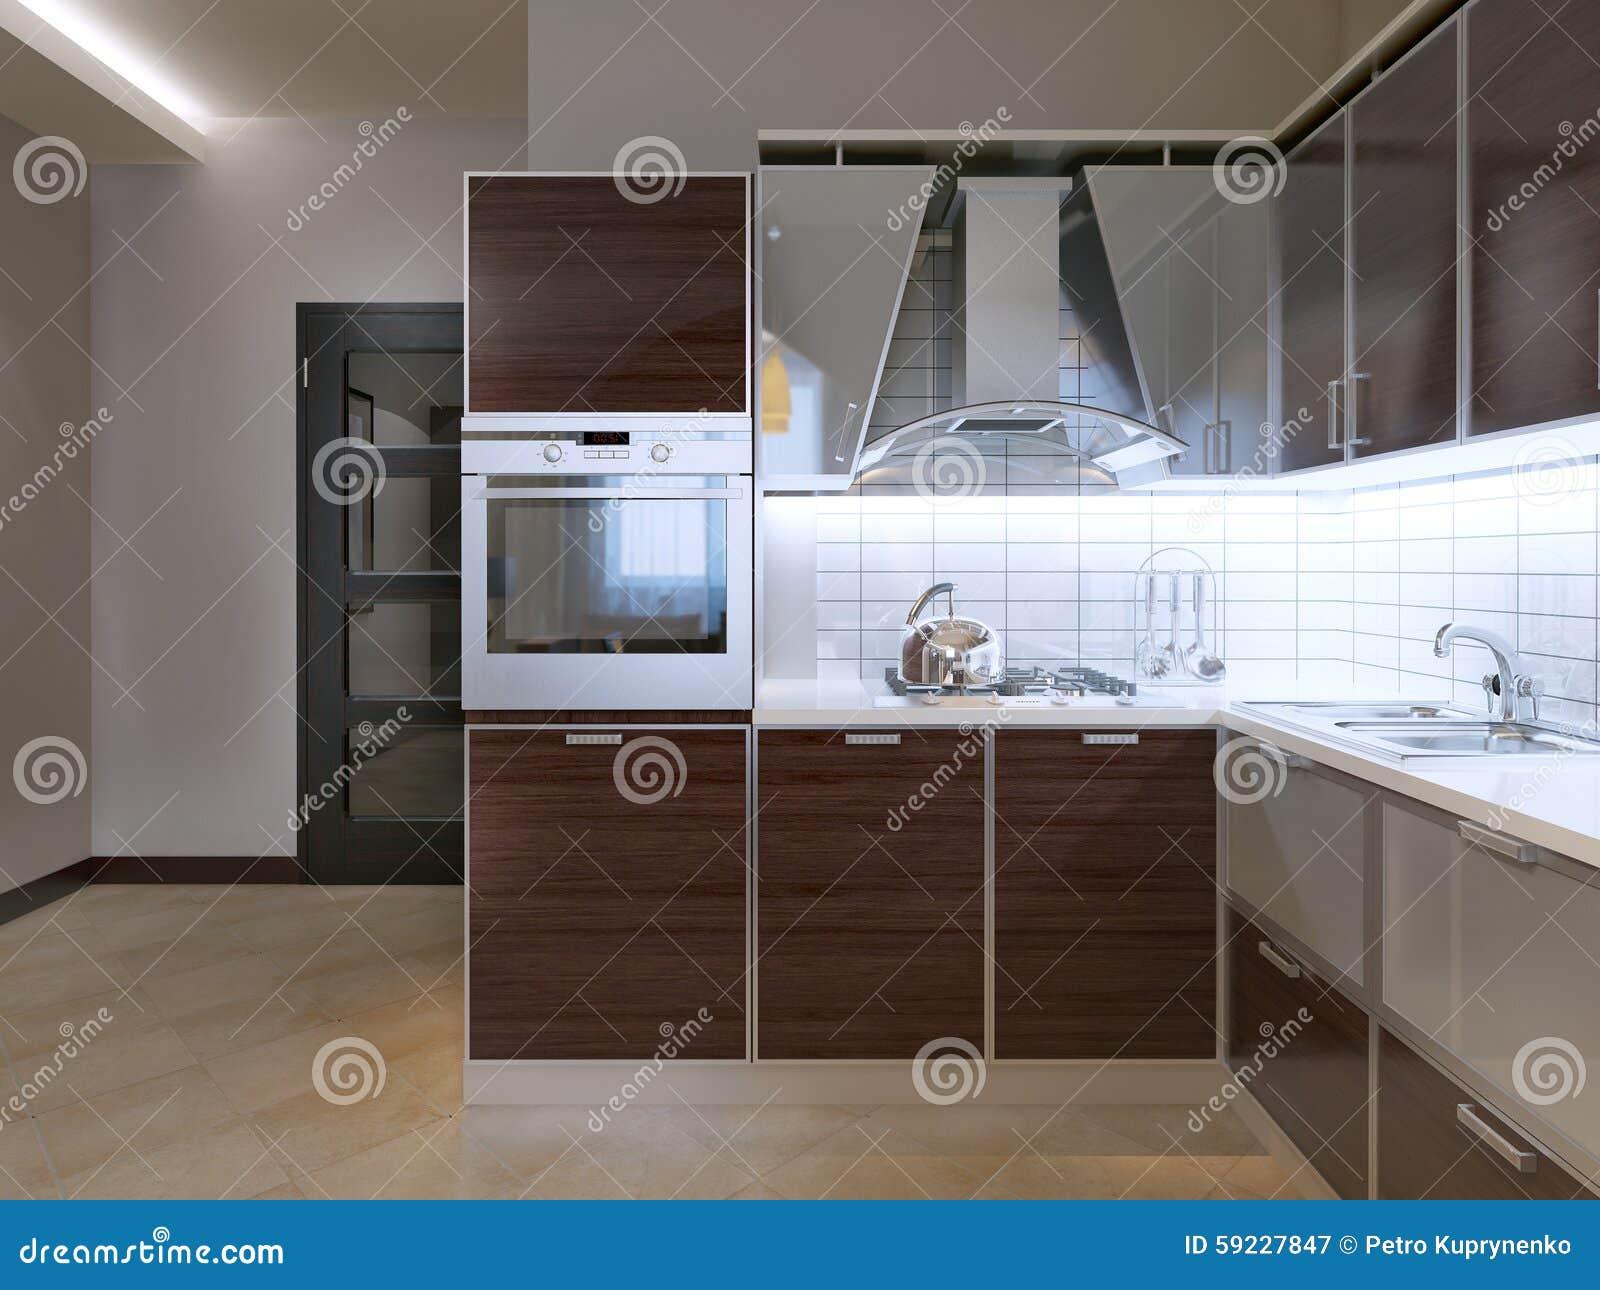 Idea de la cocina moderna